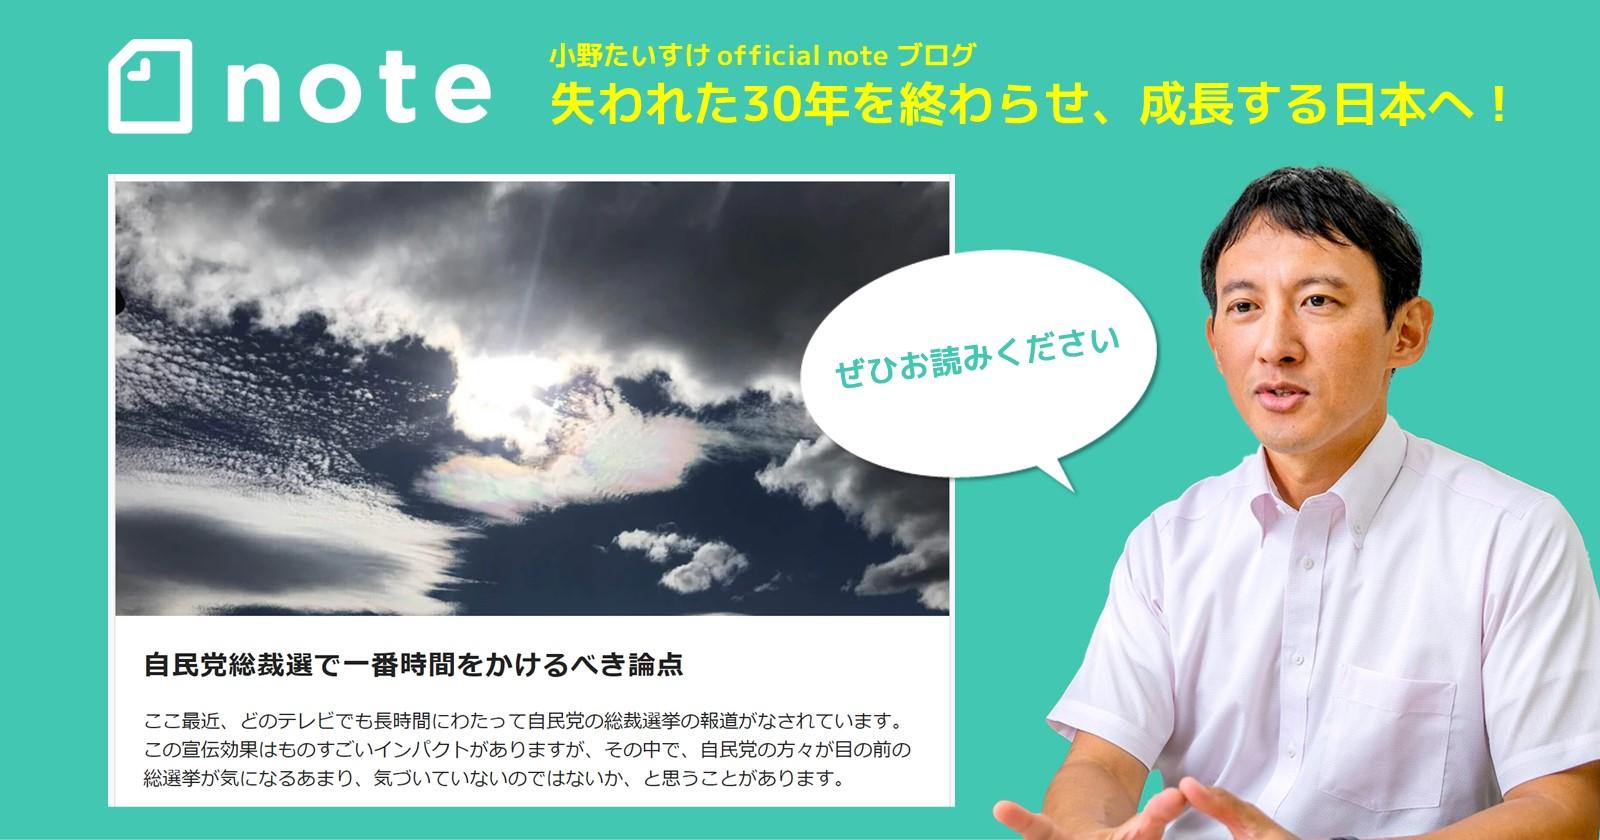 920_ブログ自民党